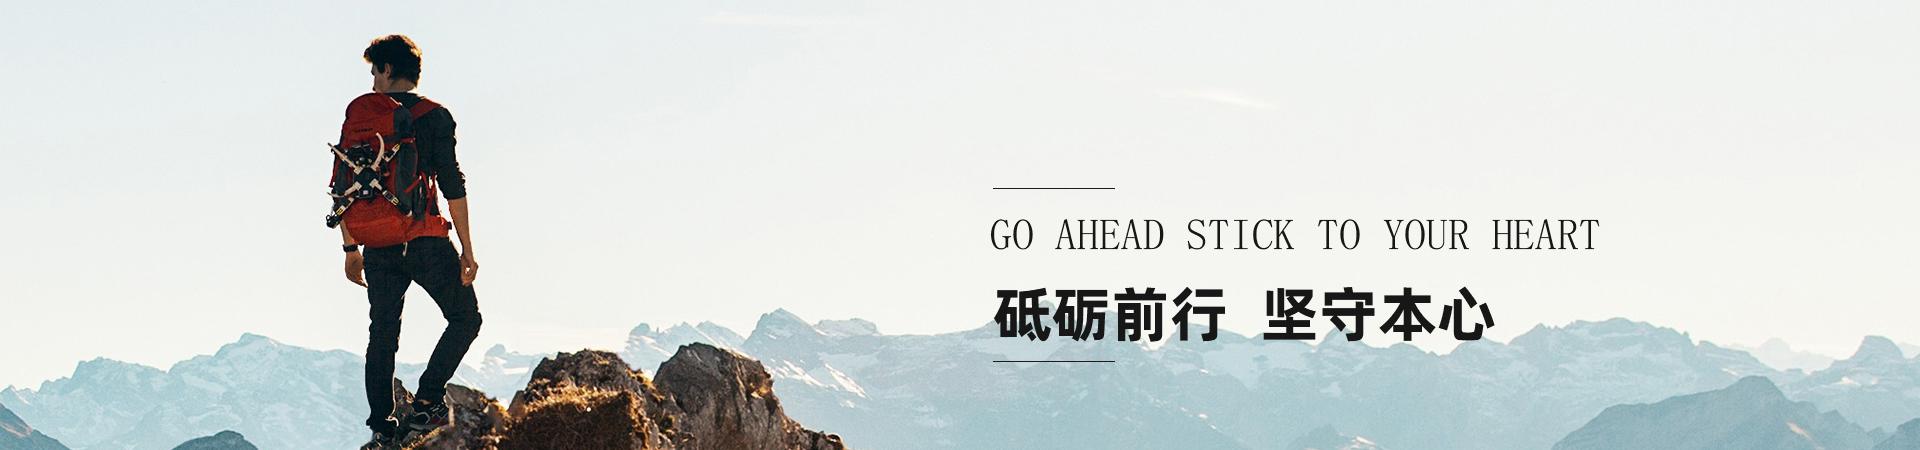 http://www.meijiangmuyi.com/data/upload/201911/20191116165113_234.jpg